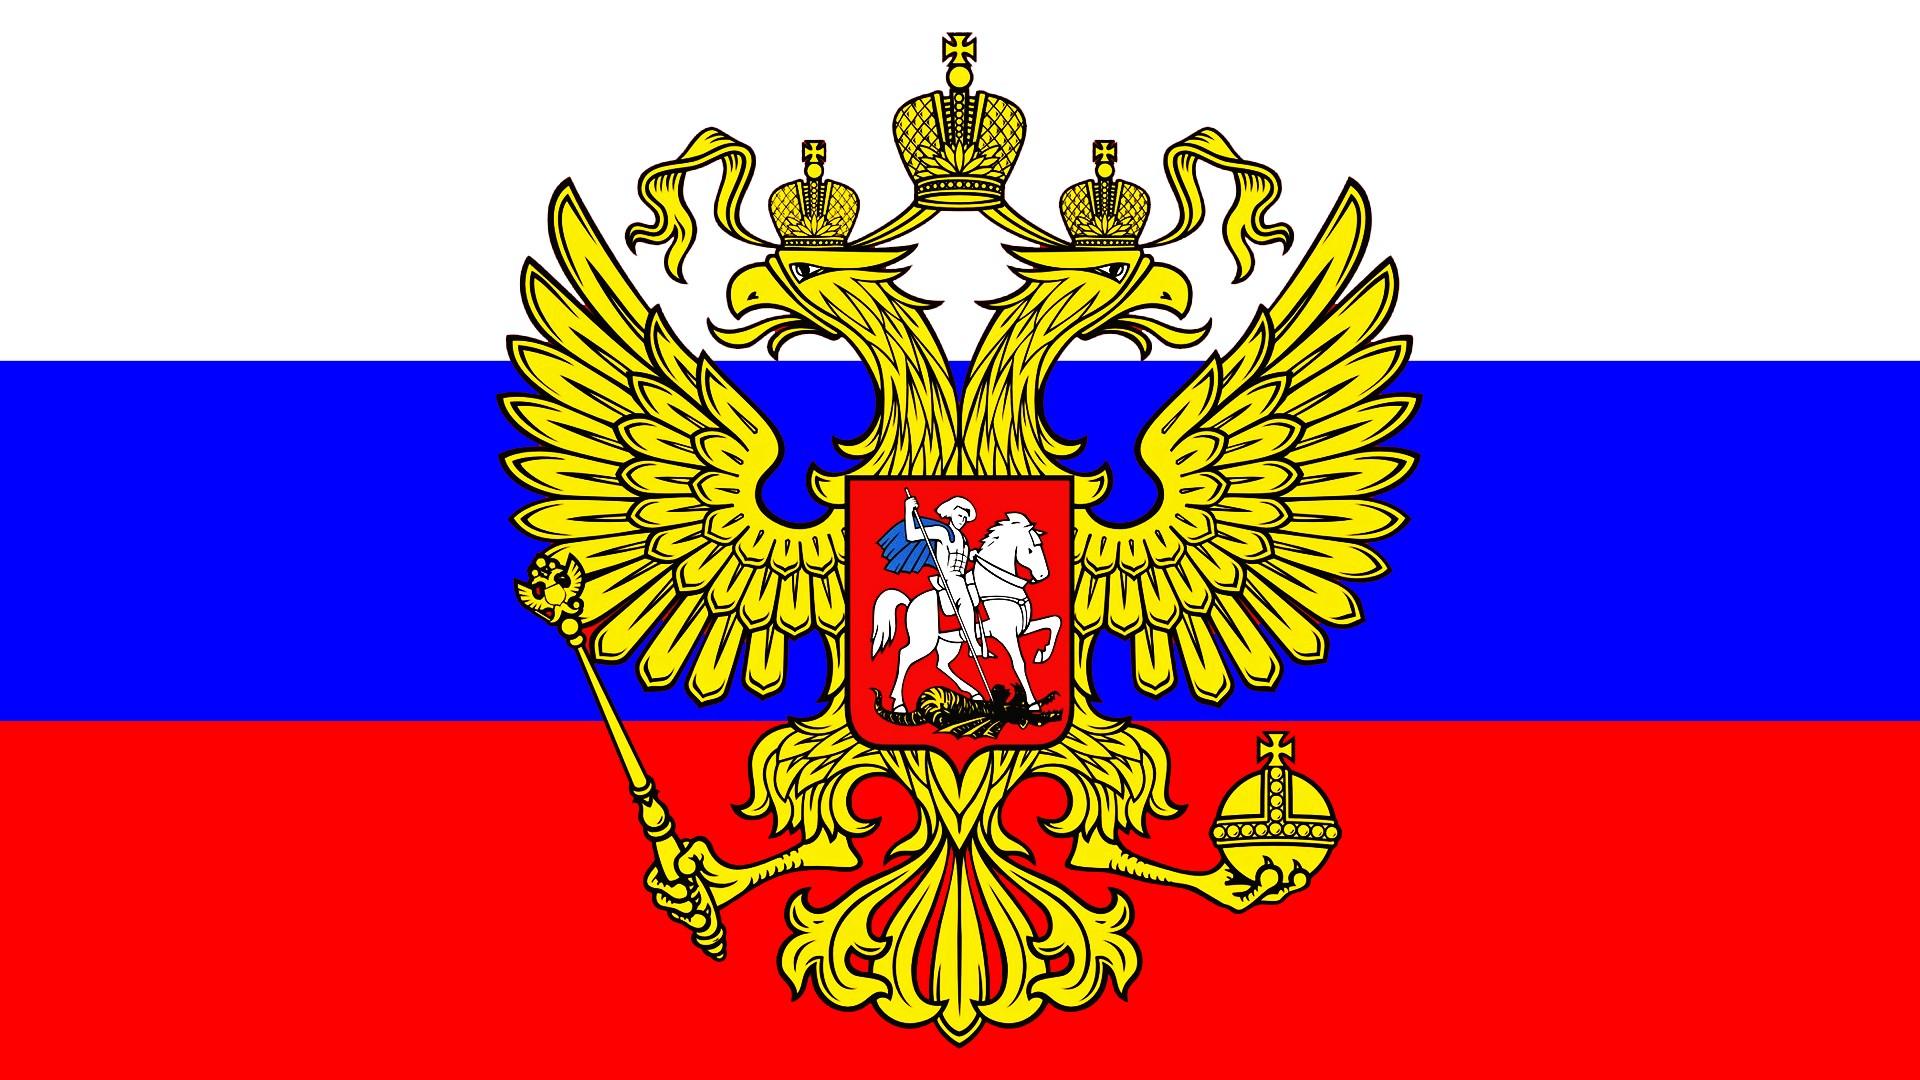 Обращение Президента РФ Б.Н. Ельцина к народу РФ по урегулированию чеченского кризиса (ОРТ, 31.03.1996)